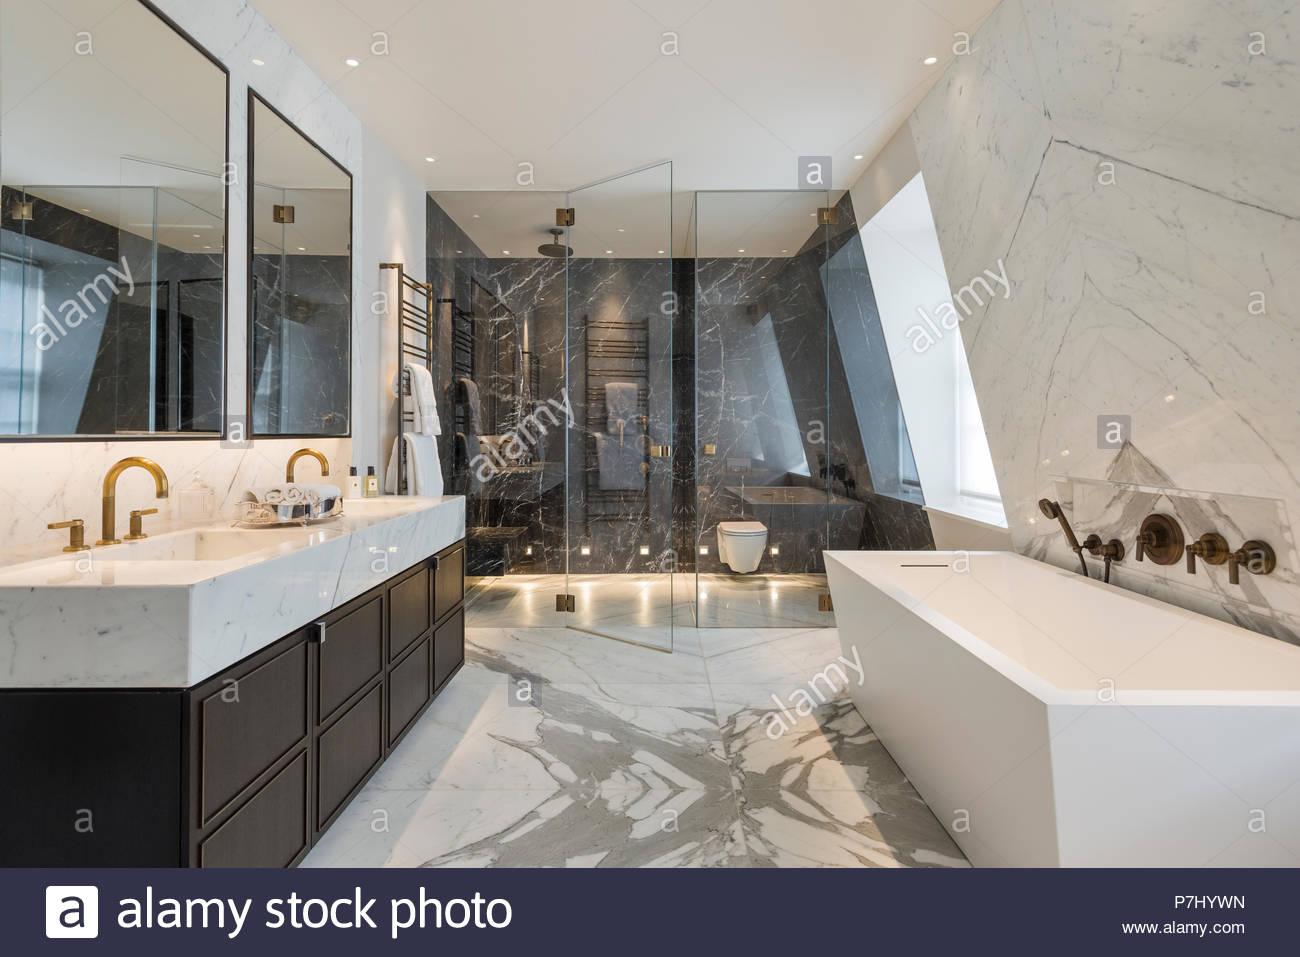 Salle de bains Art déco Banque D\'Images, Photo Stock: 211222081 - Alamy